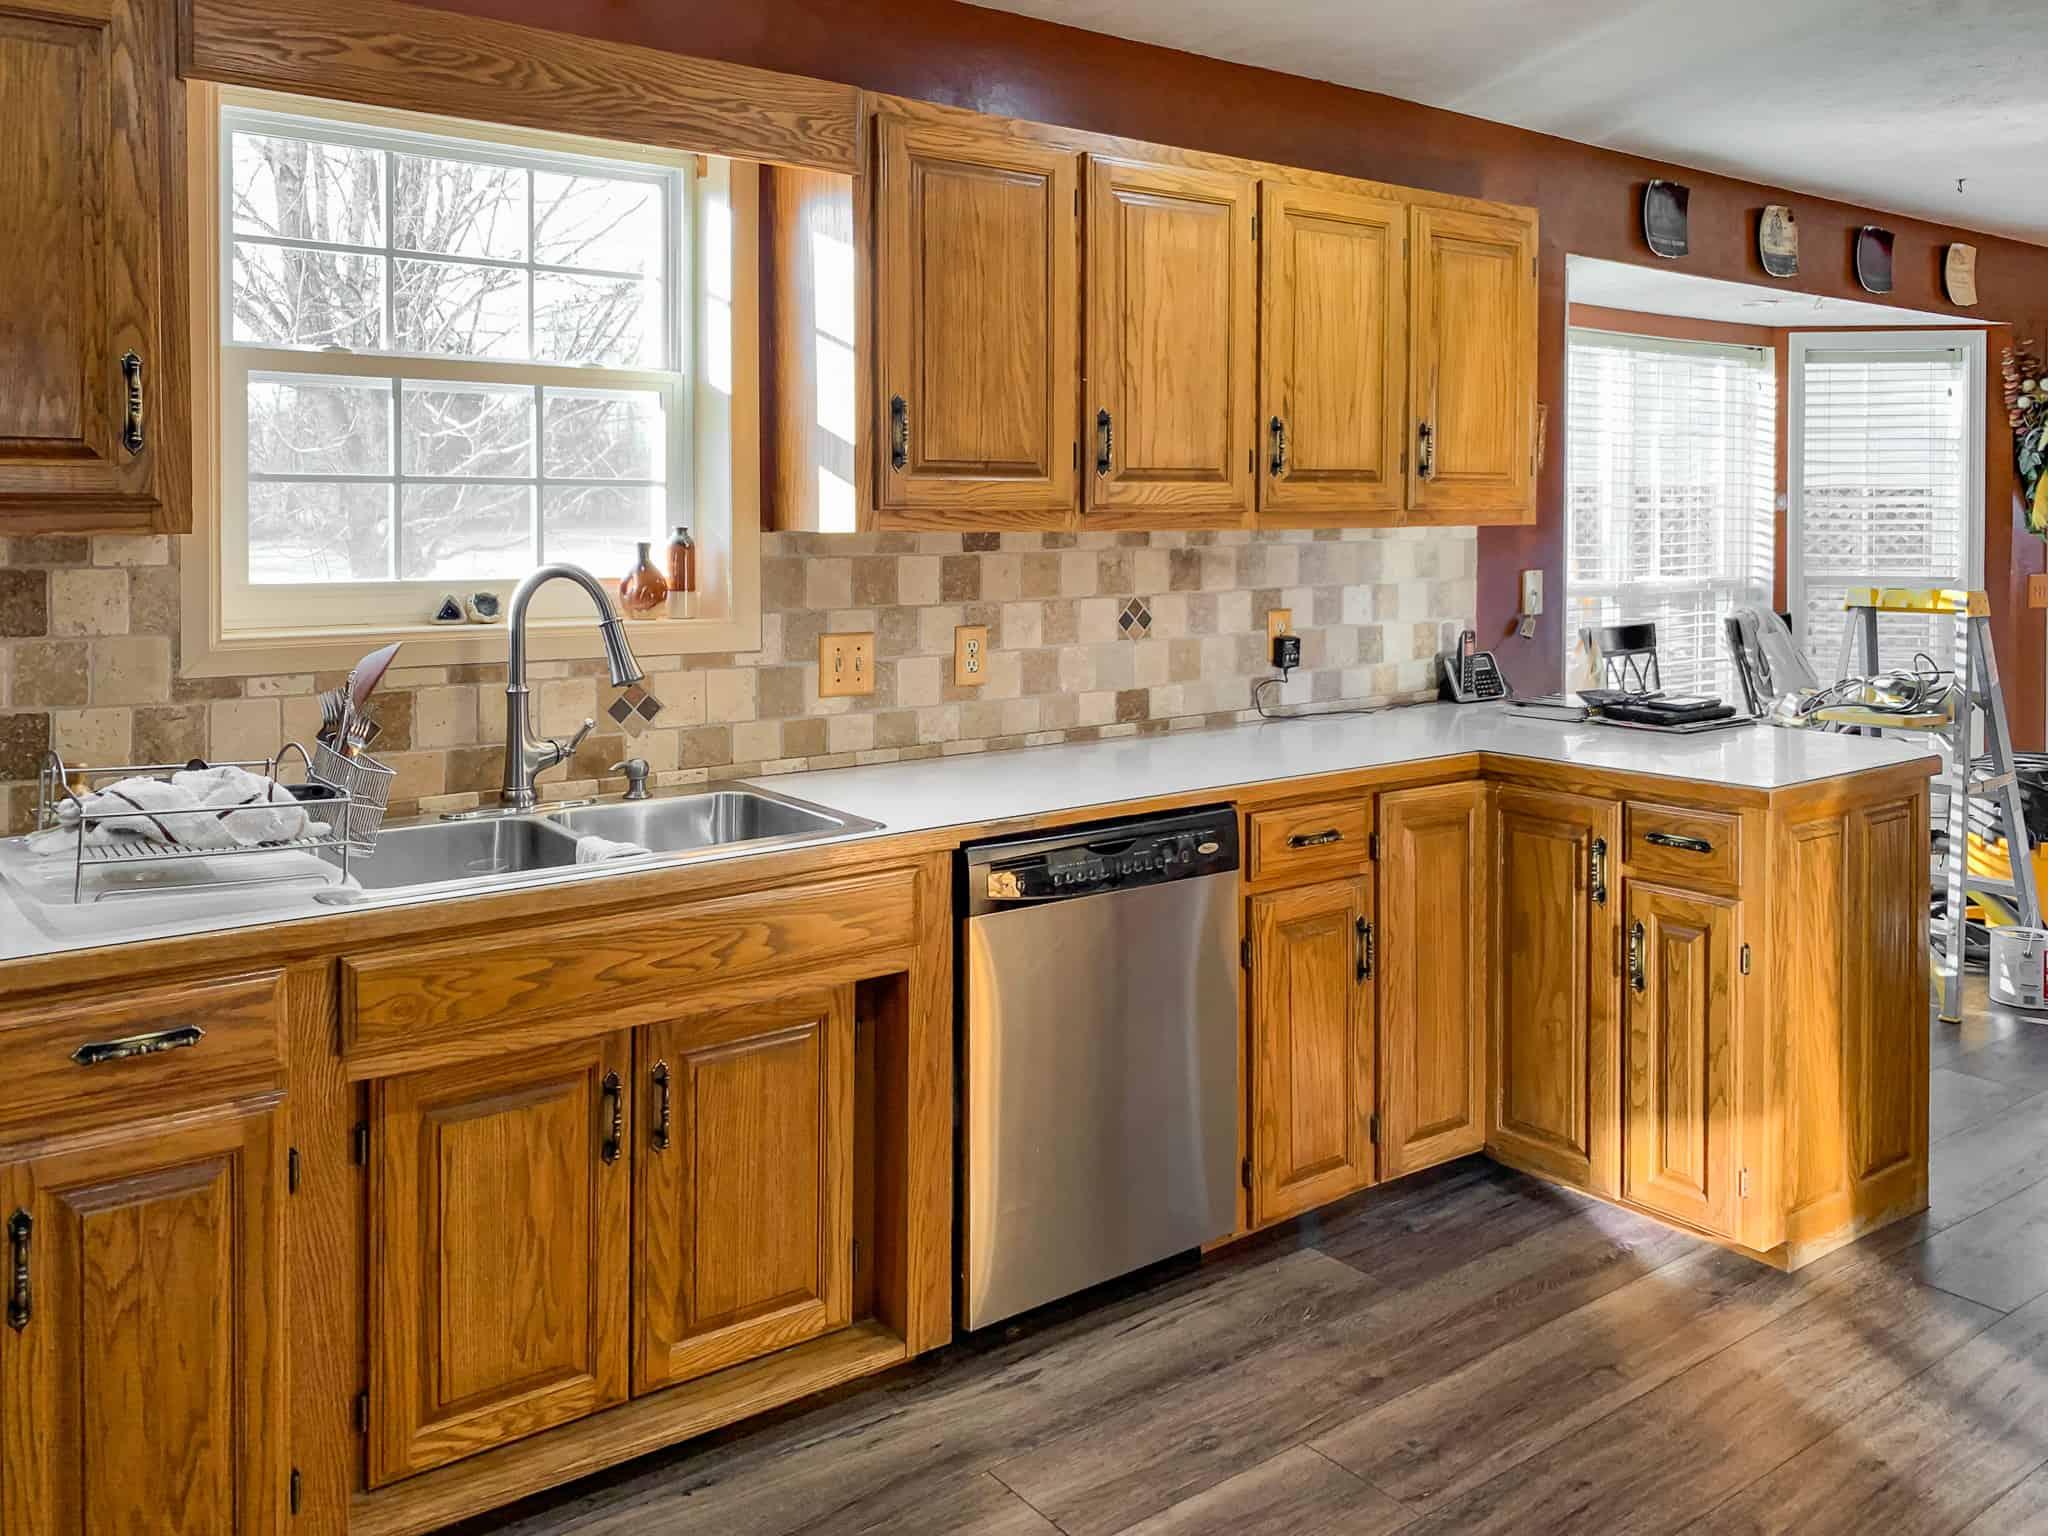 Honey oak kitchen cabinets-07 - Painted by Kayla Payne